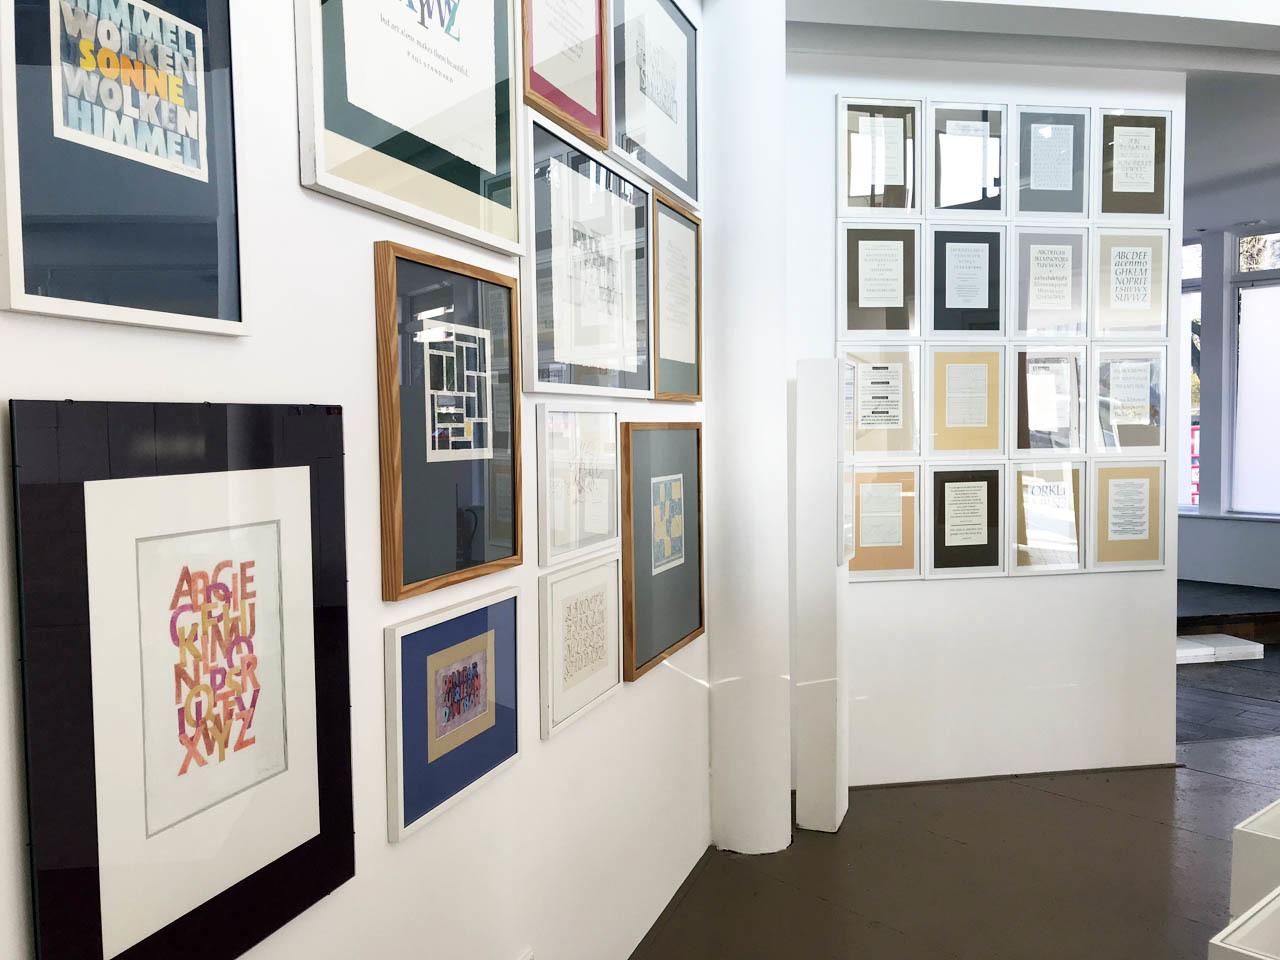 グドルン・ツァップさんの展覧会、ダルムシュタットで4月15日まで_e0175918_23111406.jpg